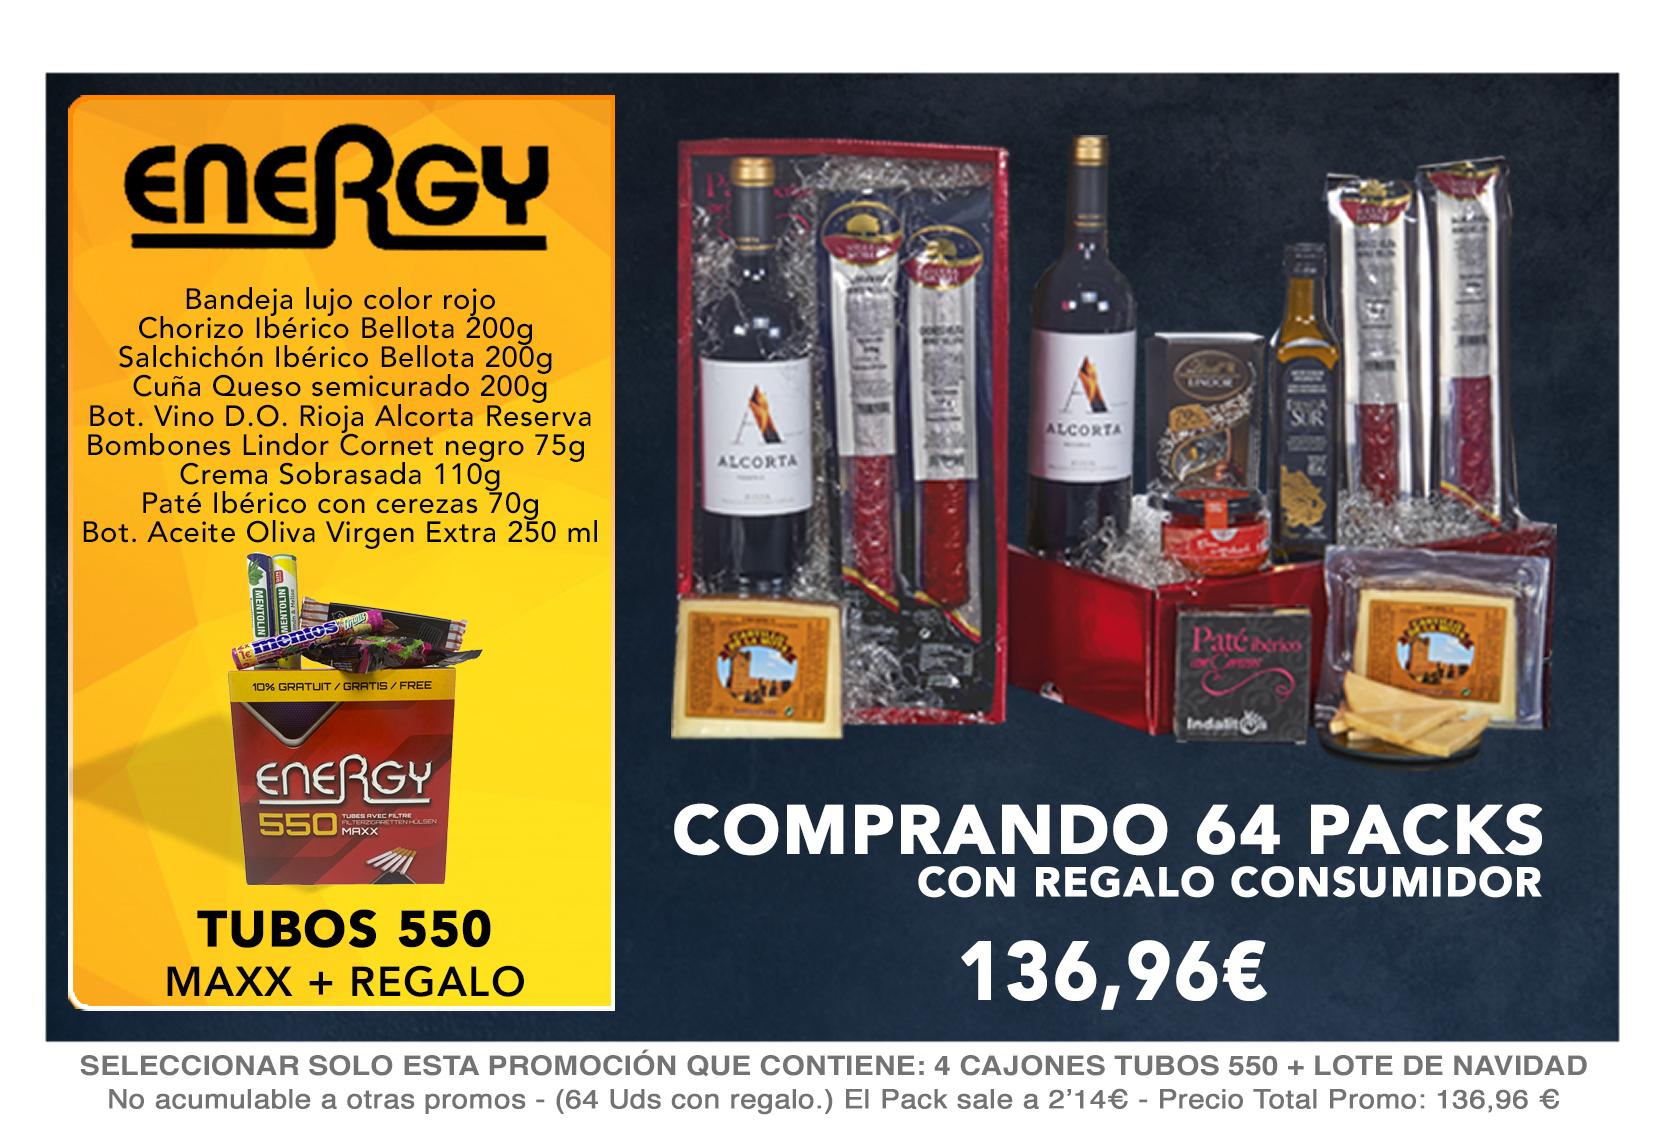 3 CAJONES ENERGY TUBOS 550 MAXX+ LOTE DE NAVIDAD